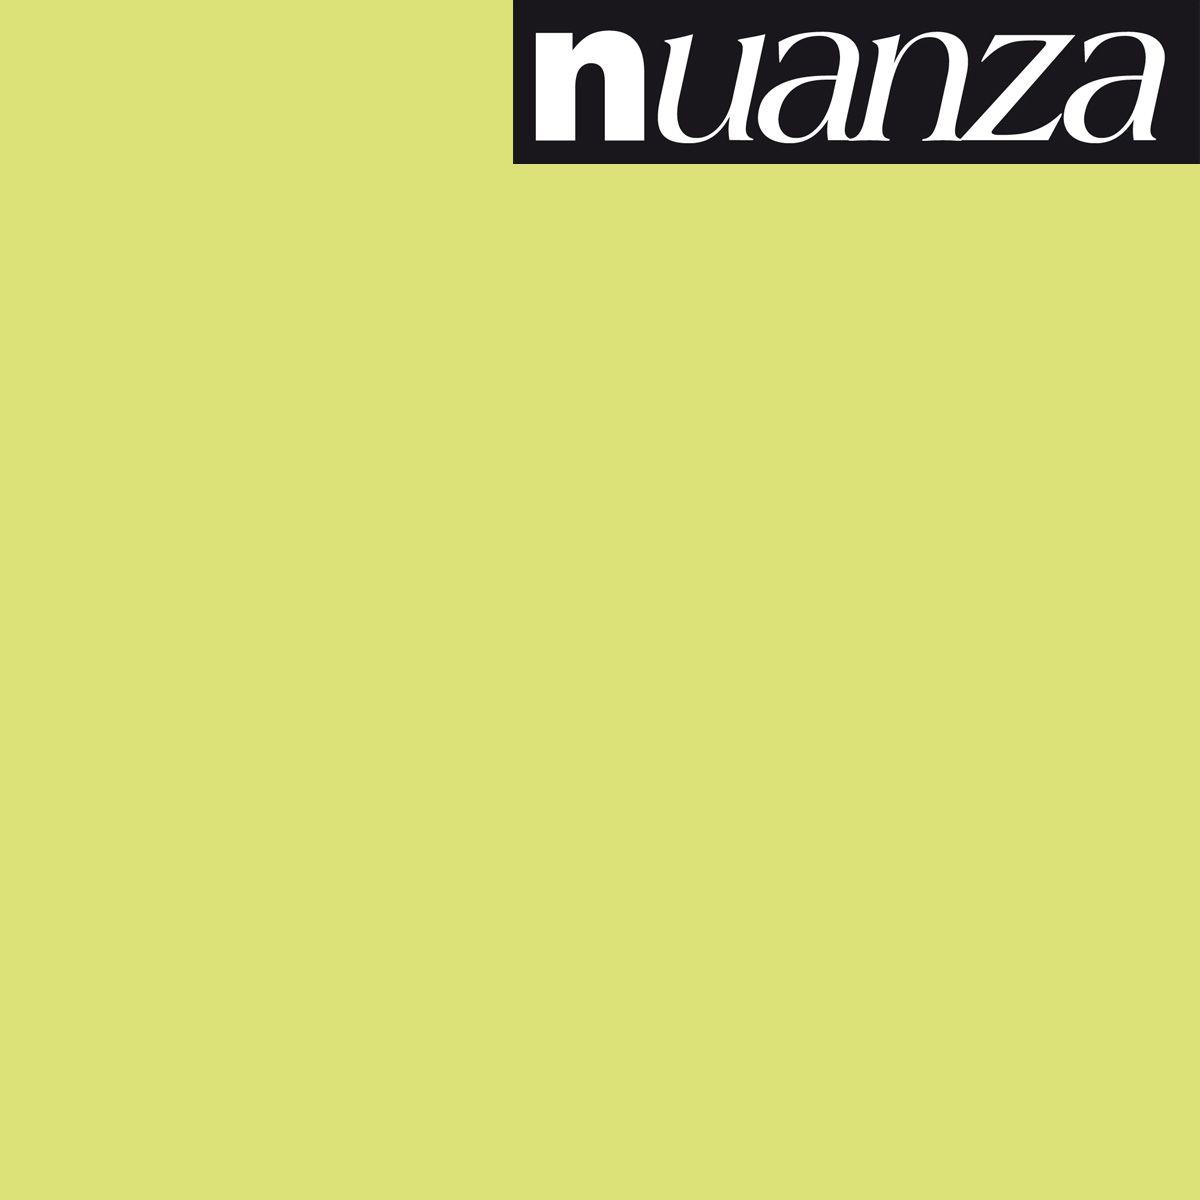 Peinture Nuanza satin monocouche pistache 0.5l